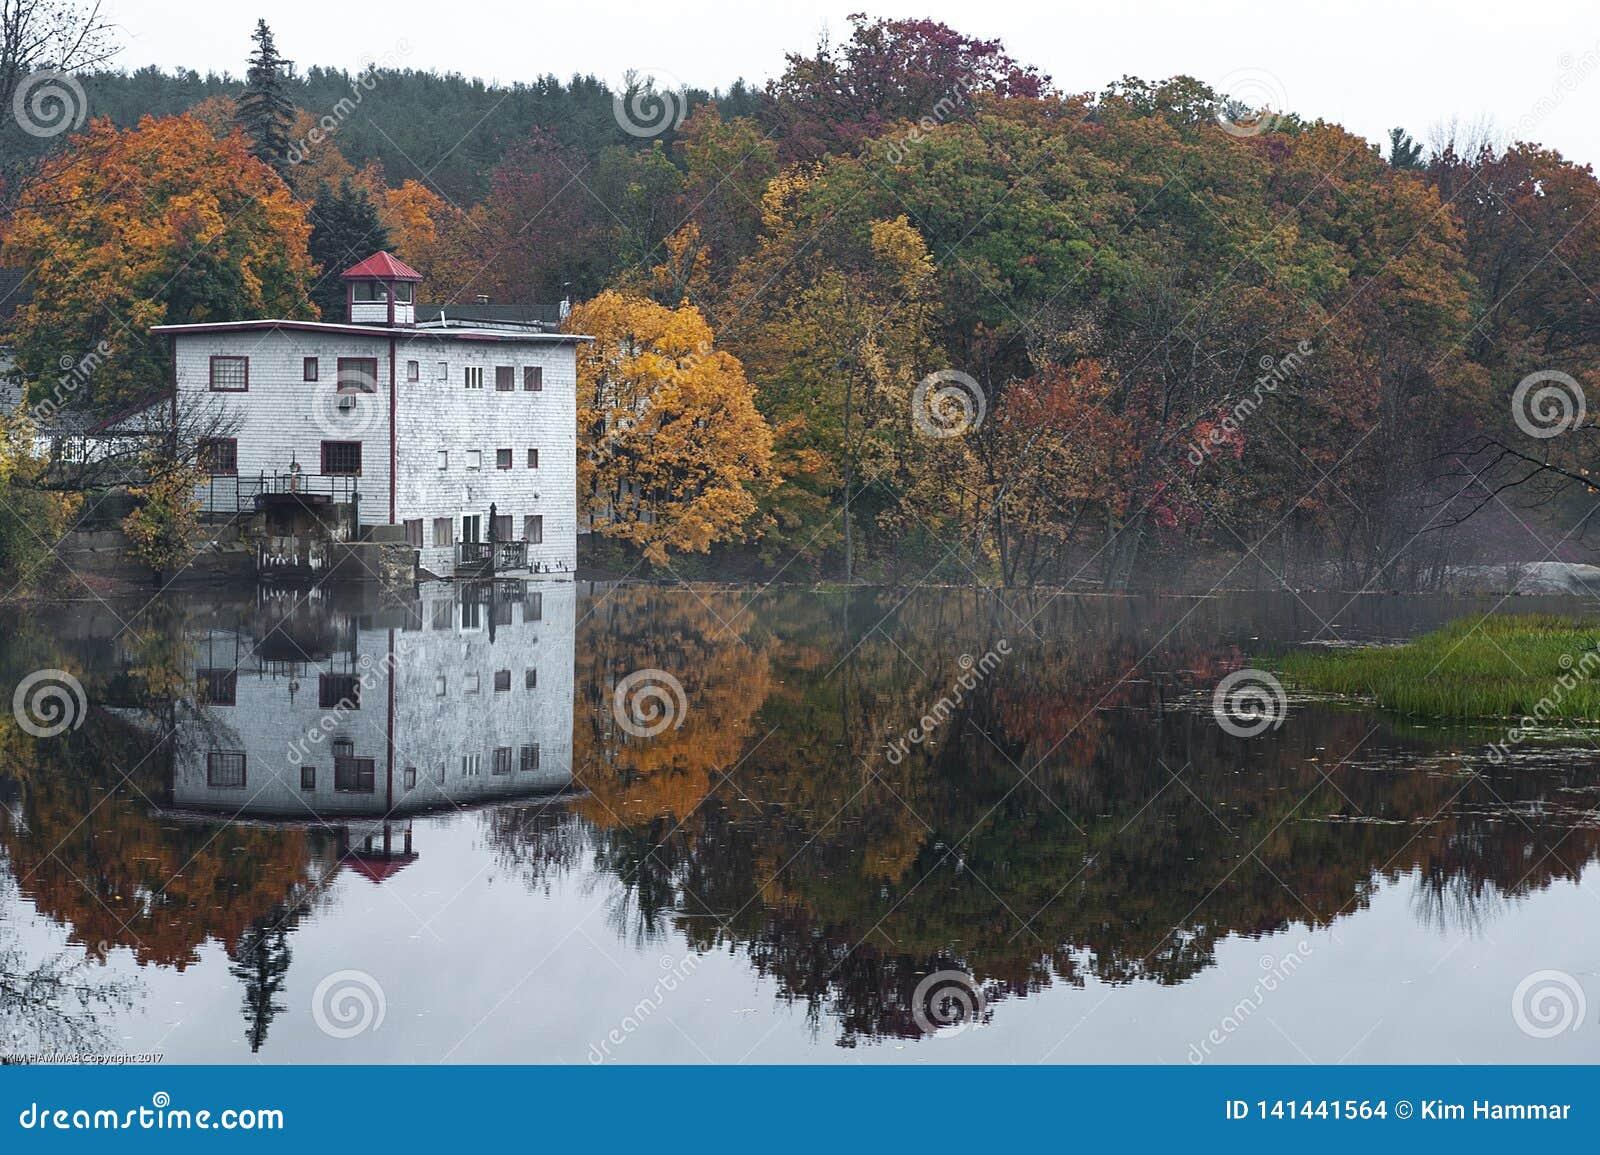 A lake reflects fall foliage on a misty morning.